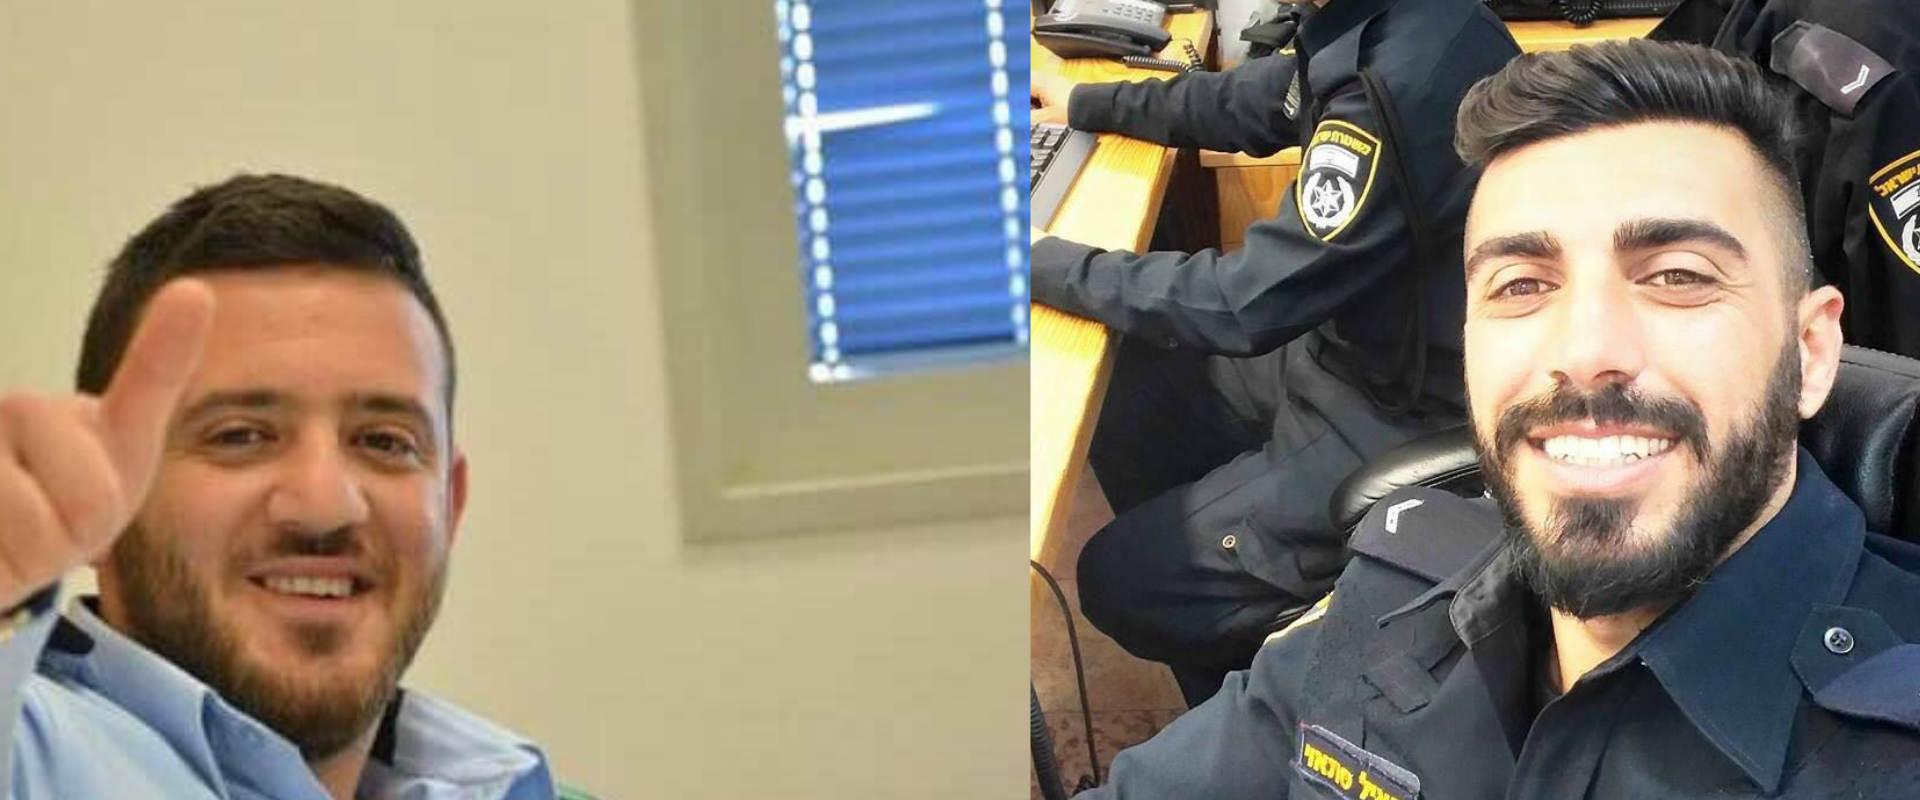 """ההרוגים בפיגוע: רס""""מ האיל סתאוי (מימין) ורס""""מ כמיל"""